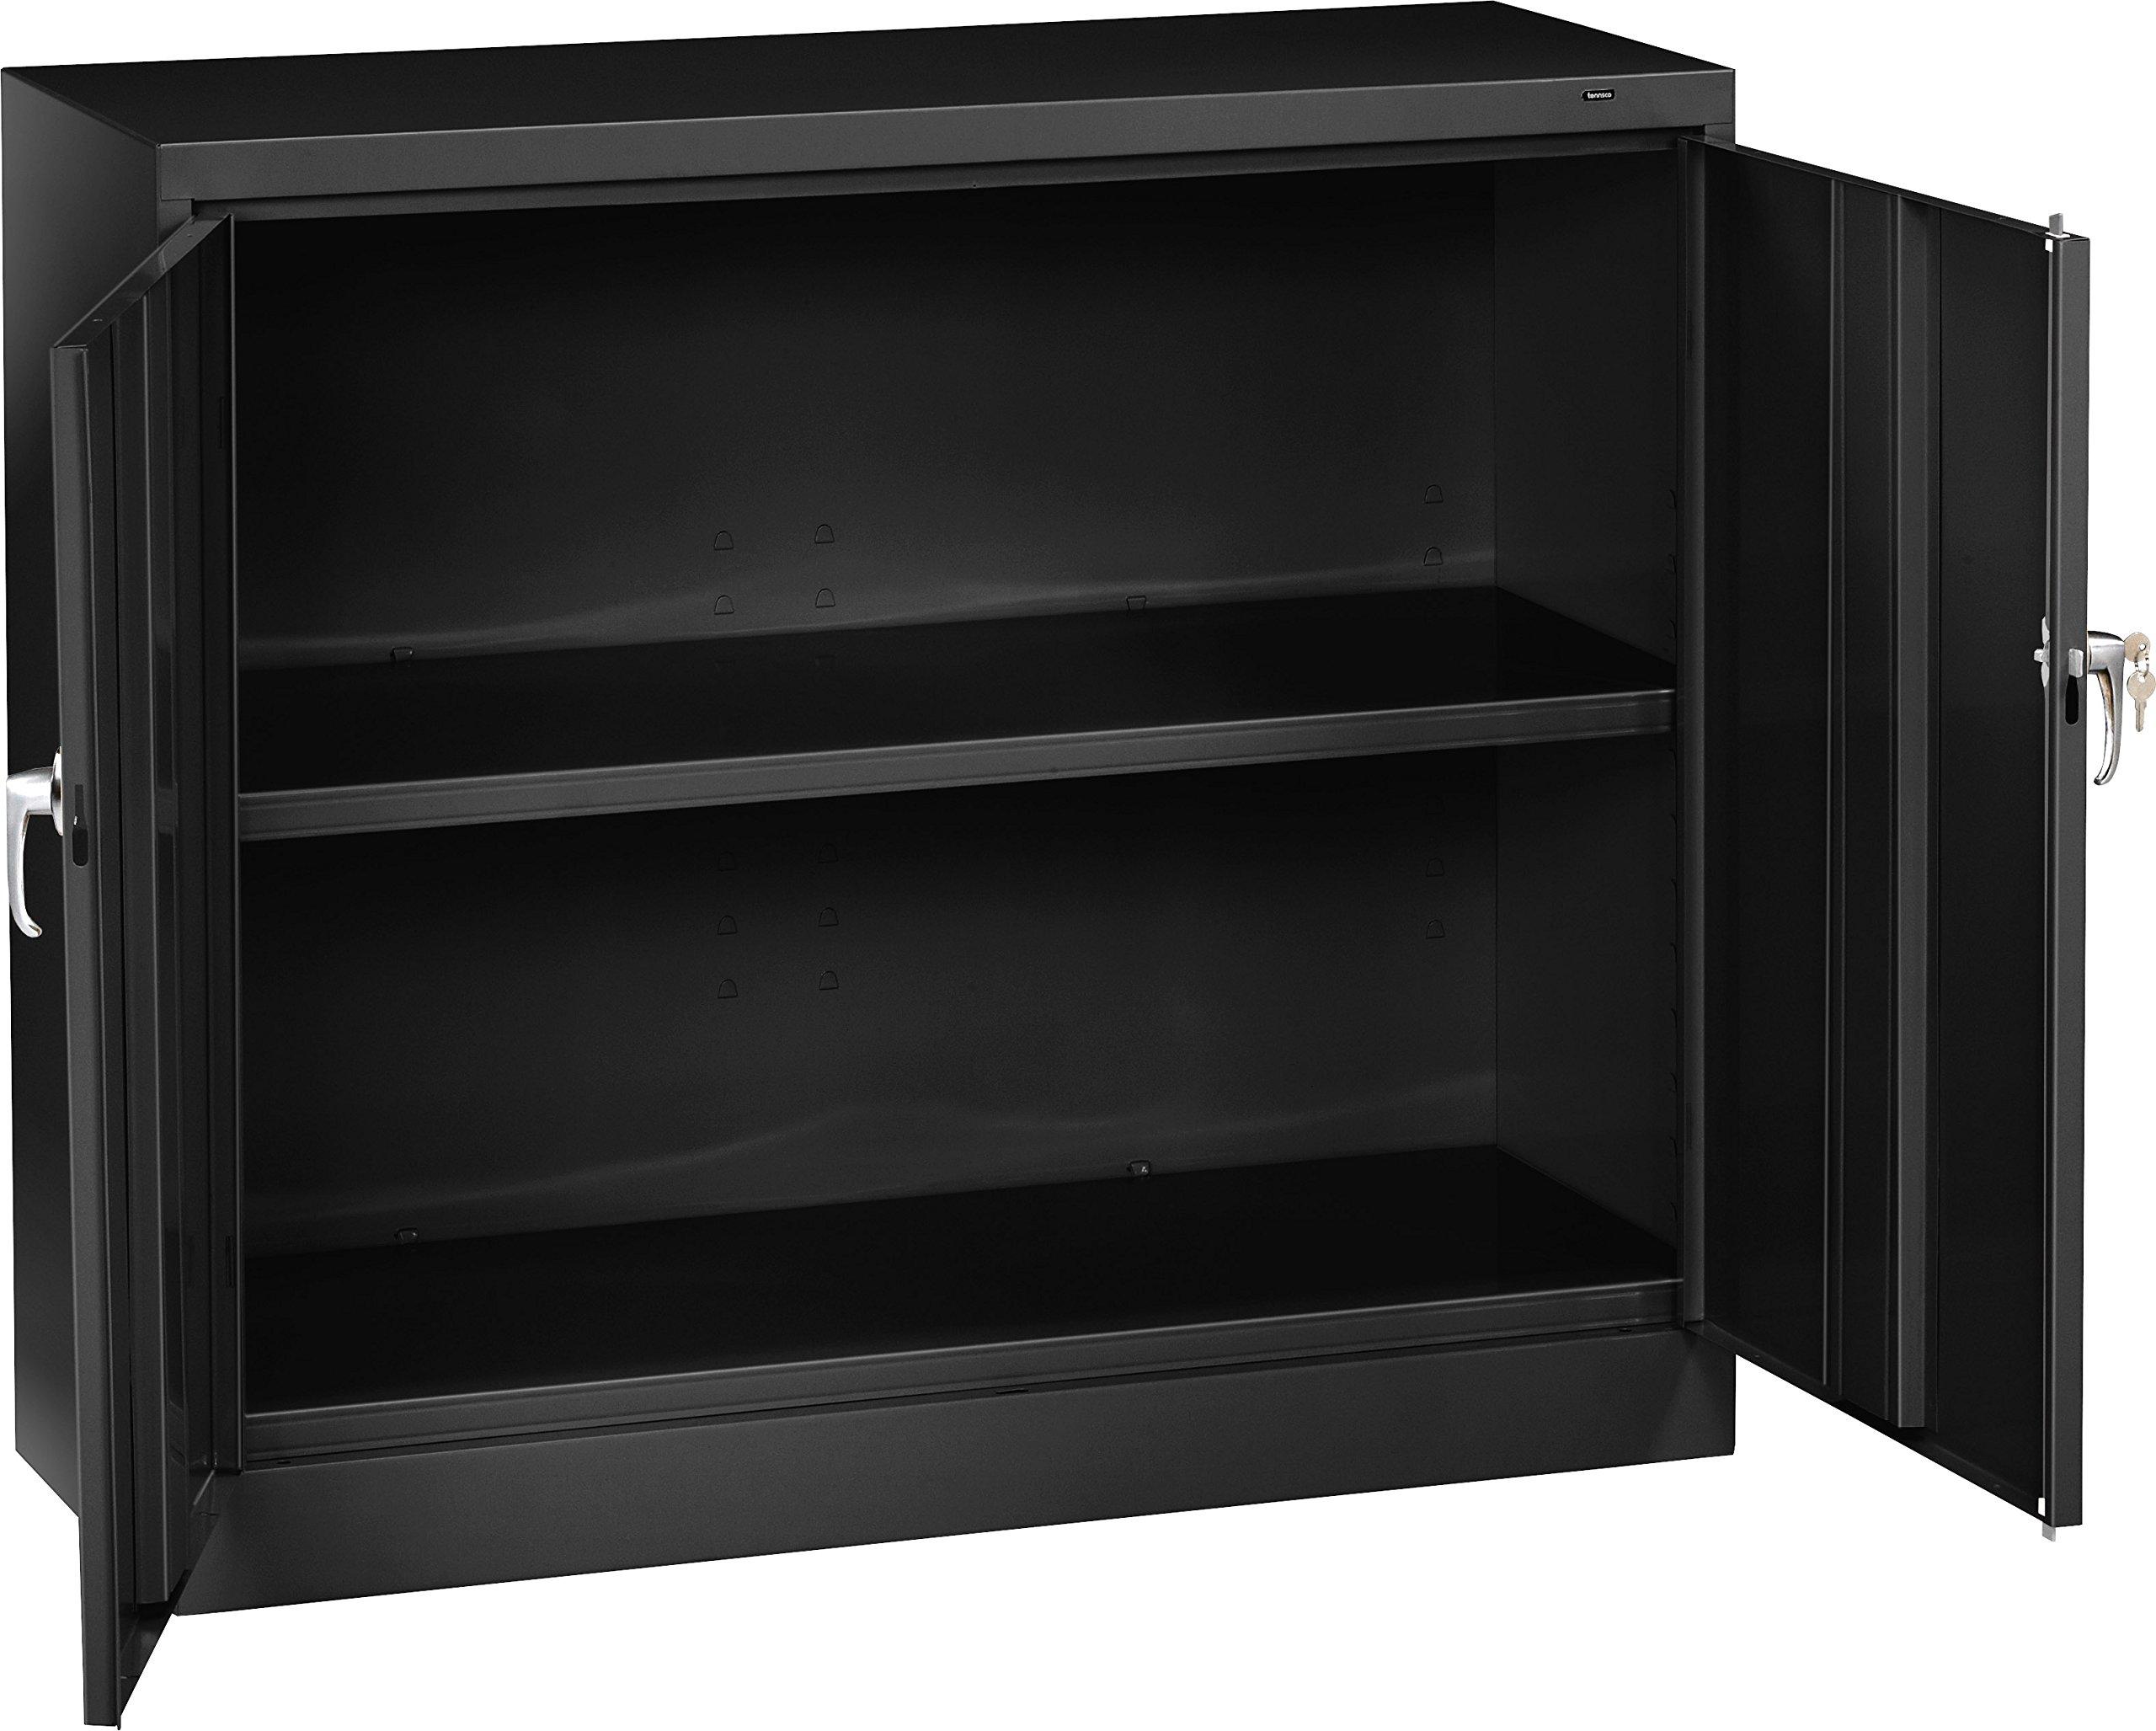 Tennsco J2442SU Heavy Gauge Steel Welded Counter High Jumbo Storage Cabinet, 48'' Width x 42'' Height x 24'' Depth, Black